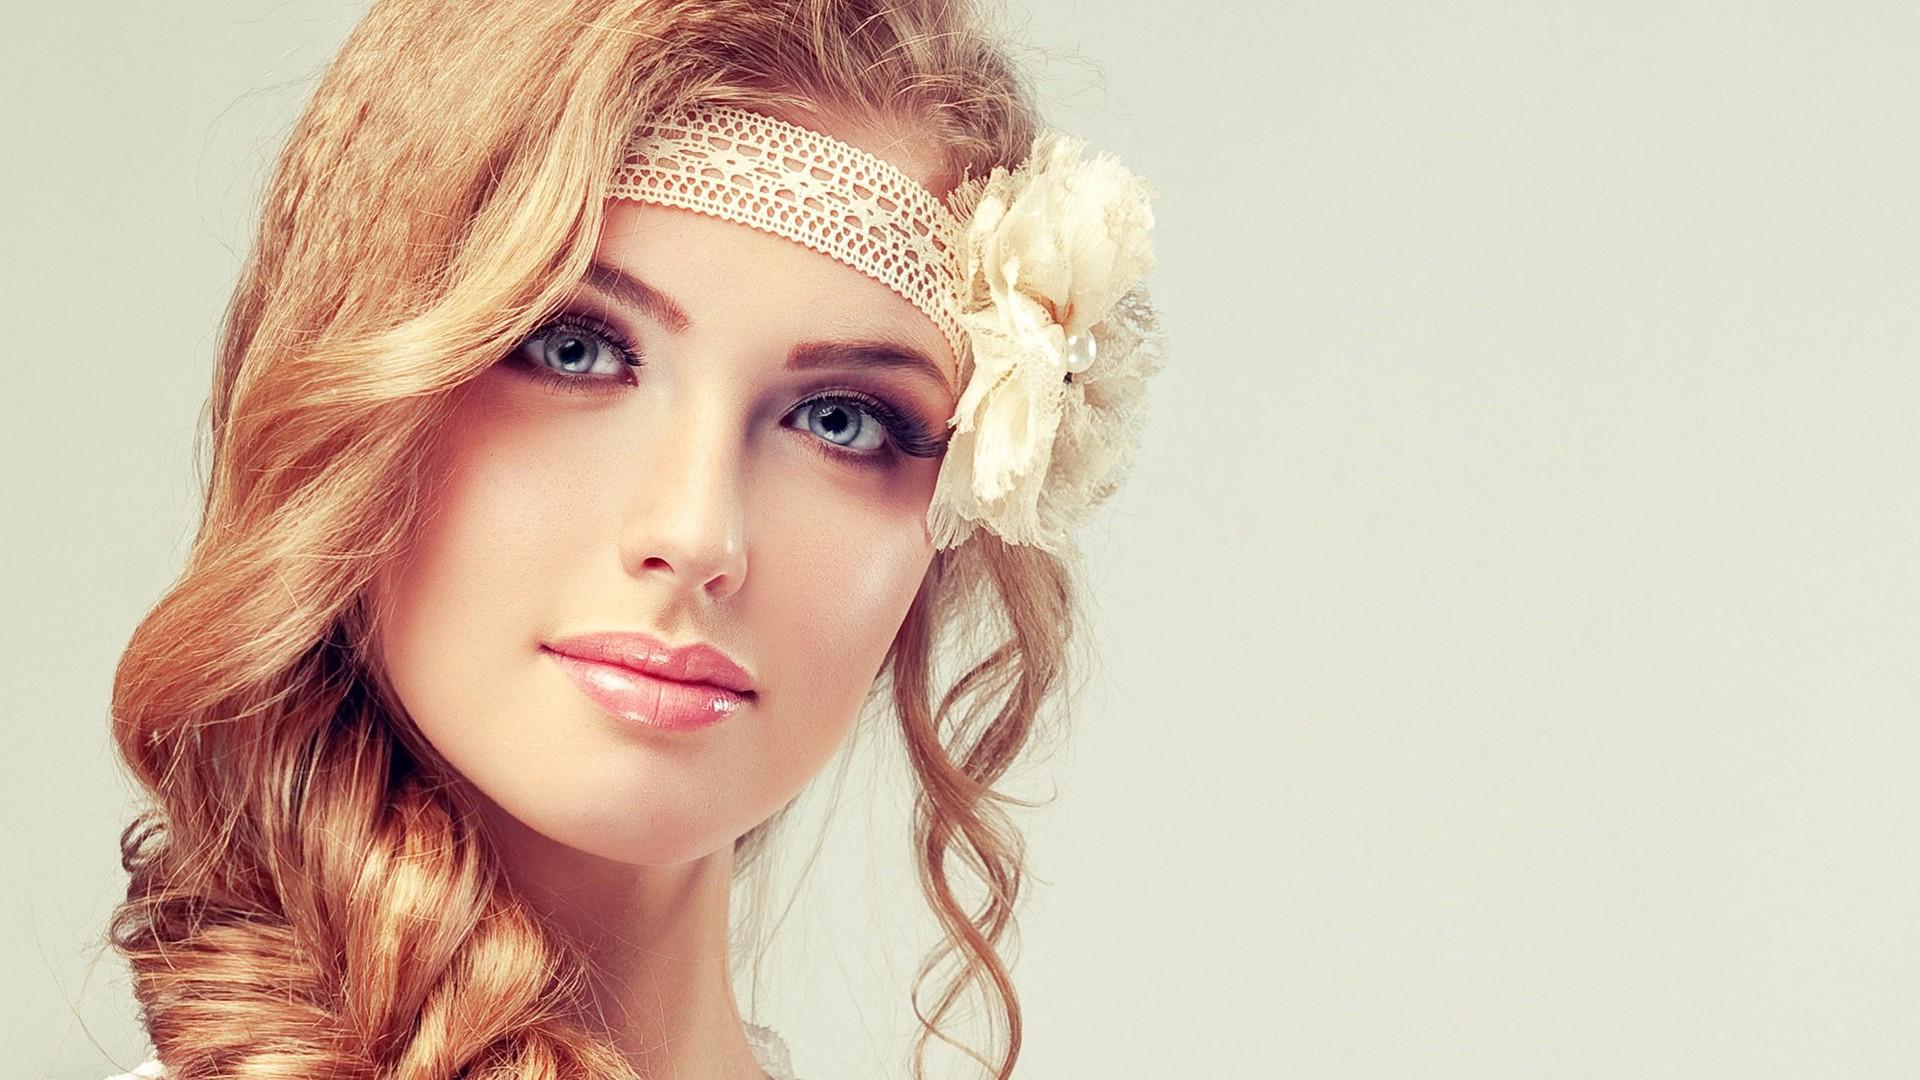 Картинки лица девушек с прическами